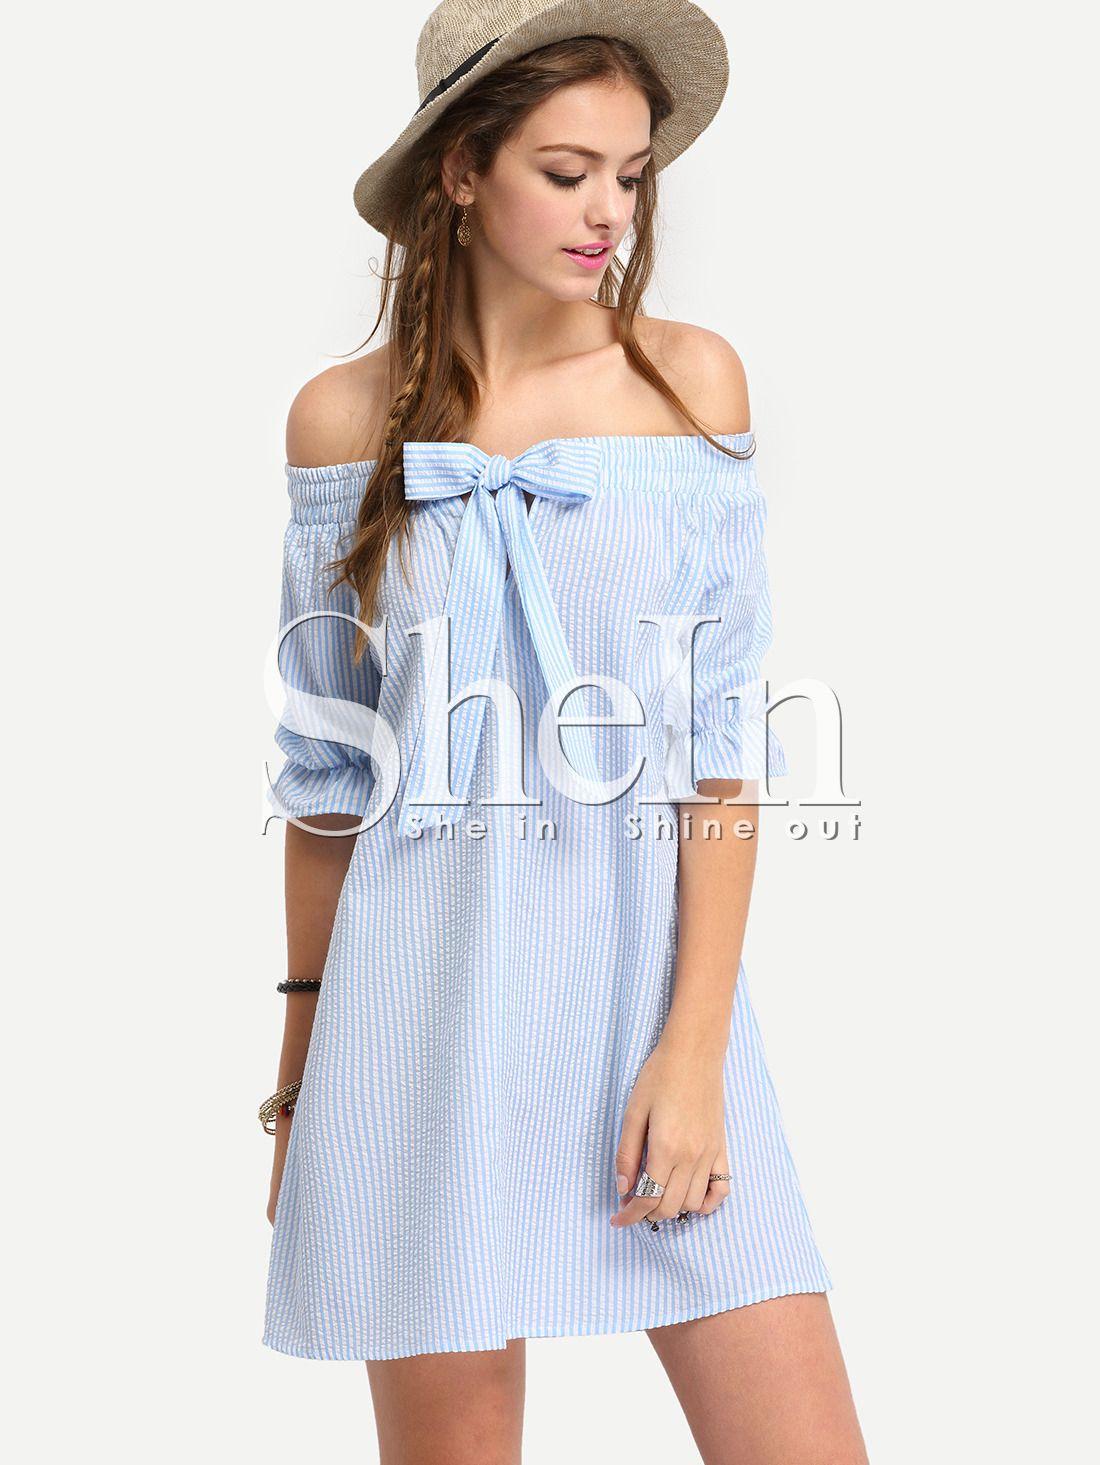 67b7a5fac Vestido+hombro+al+aire+rayas+lazo+holgado+-azul+15.75